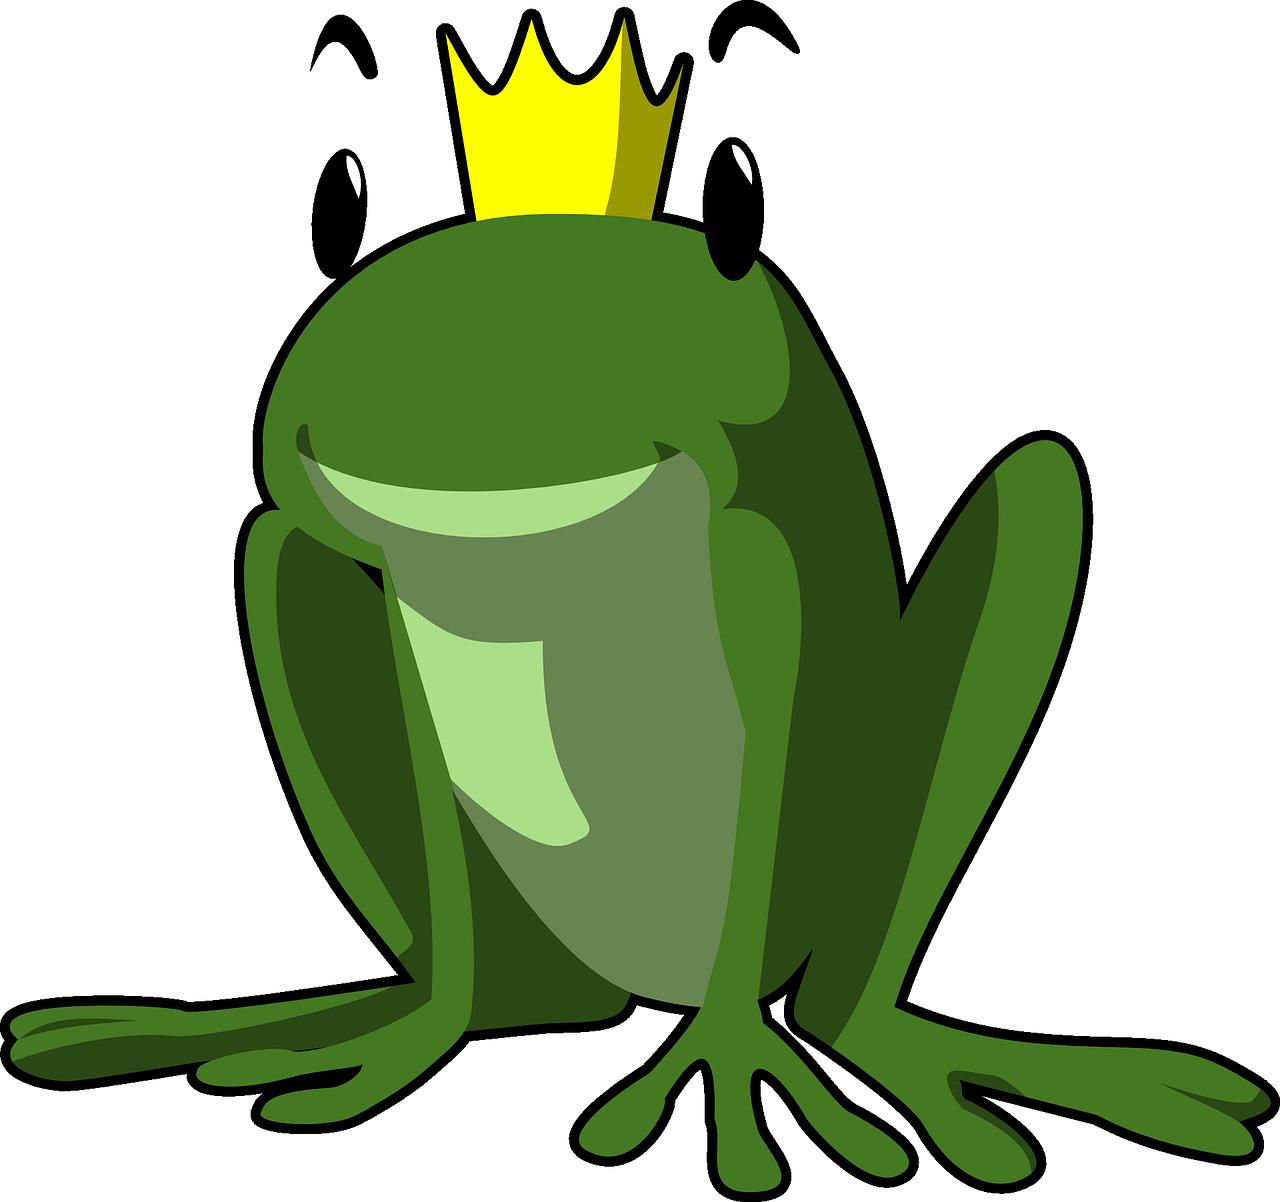 сказка про царевну лягушку